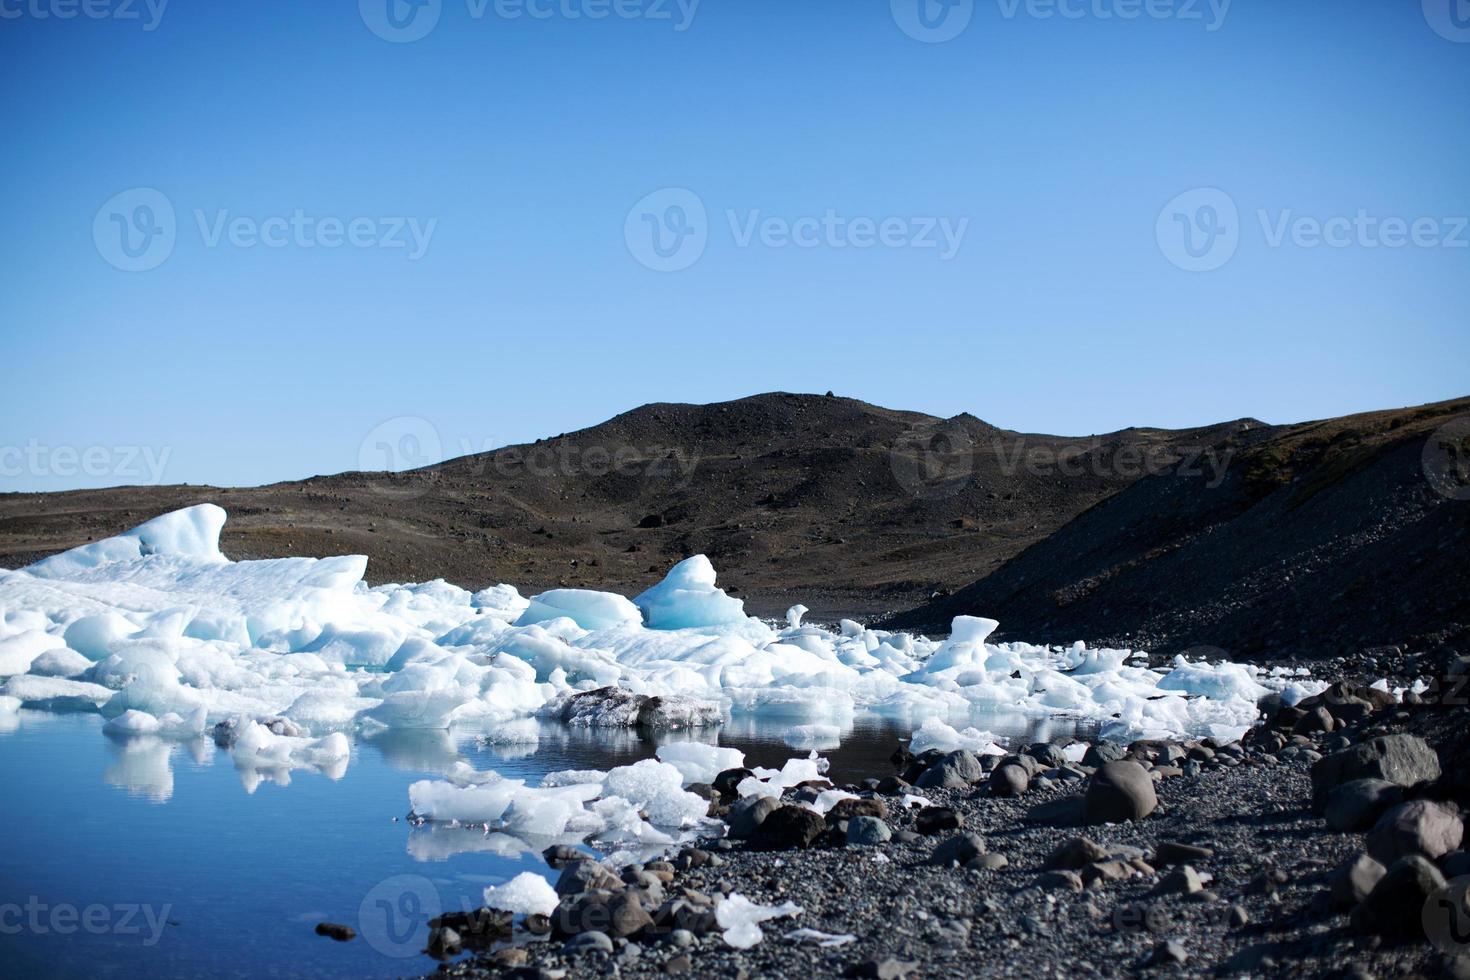 espelho d'água com pequena lagoa - lago glacial jokulsarlon, islândia foto